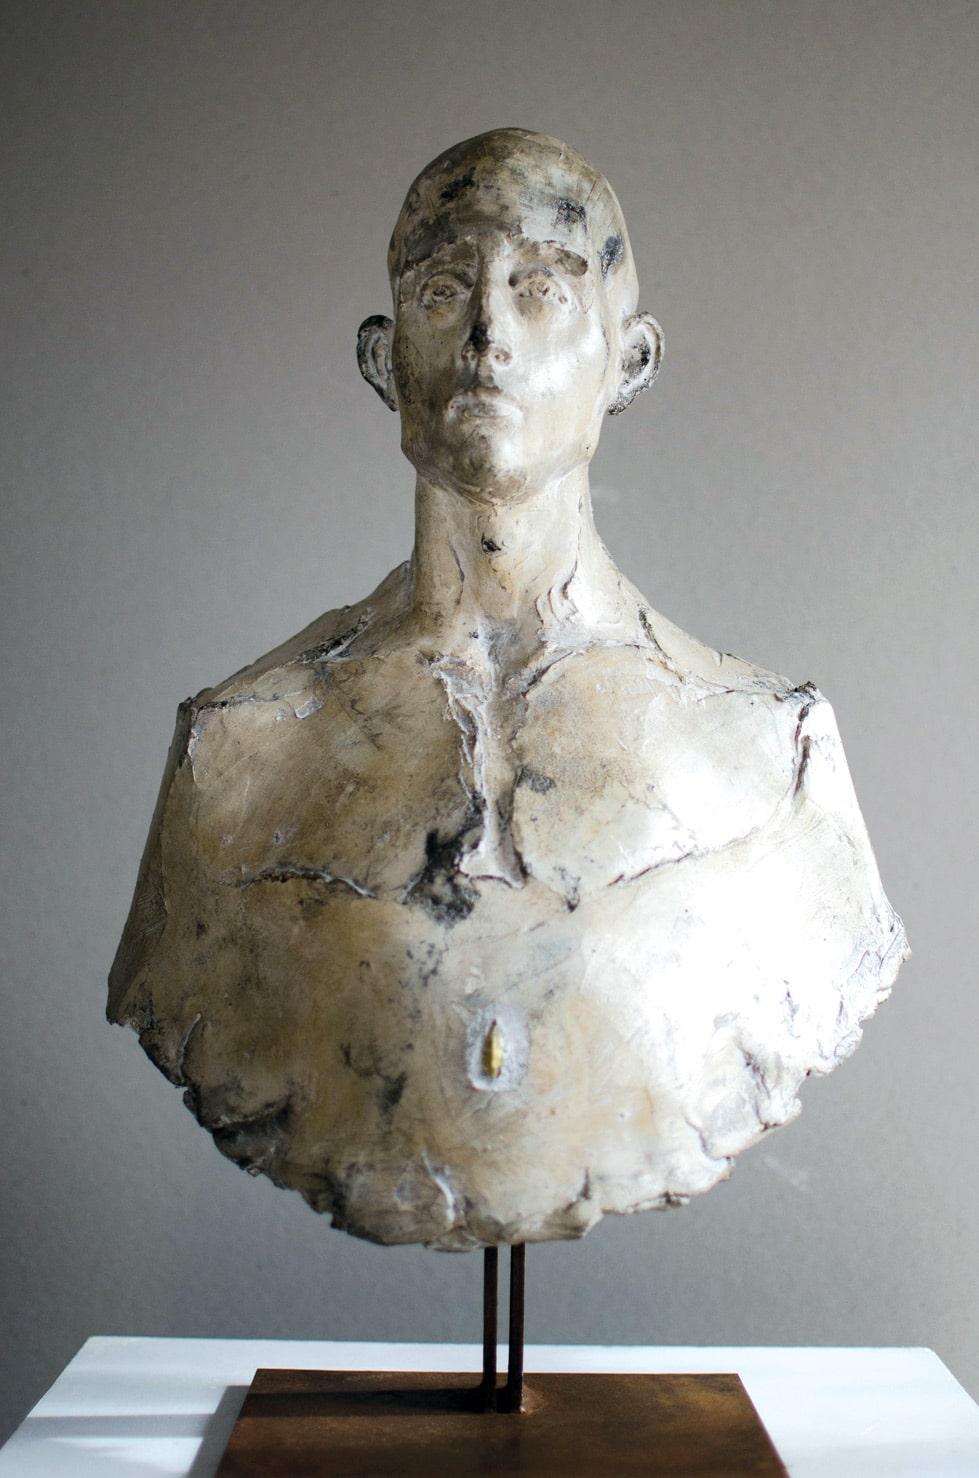 """"""" L'homme et la graine """", béton, 51 x 32 x 20 cm, 2016 - Pièce unique"""